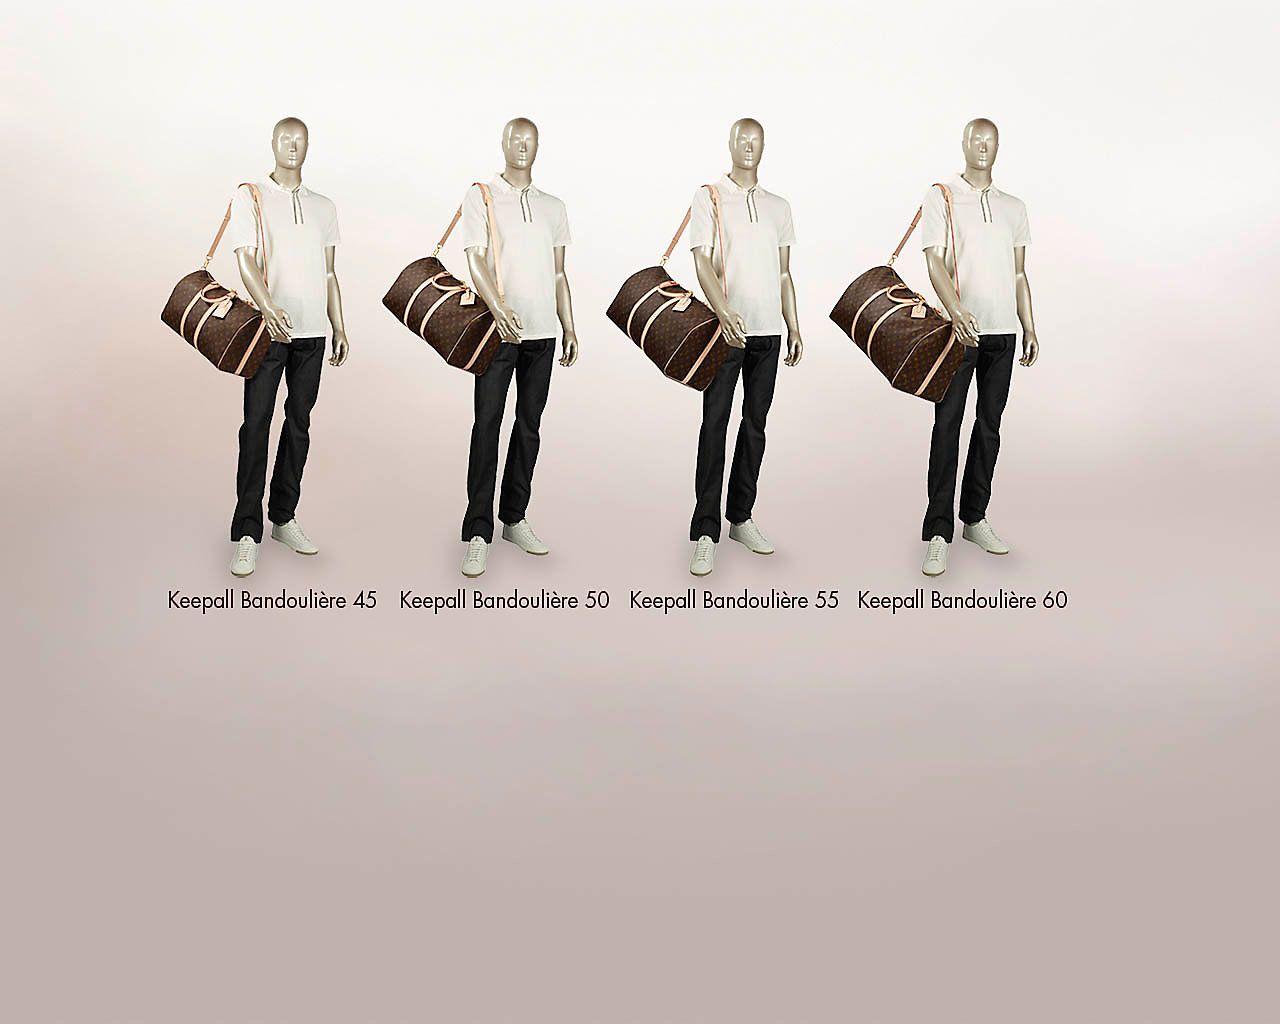 8e3d0a2d8e2 Keepall Bandoulière 60 in 2019 | Men's fashion... | Louis vuitton ...